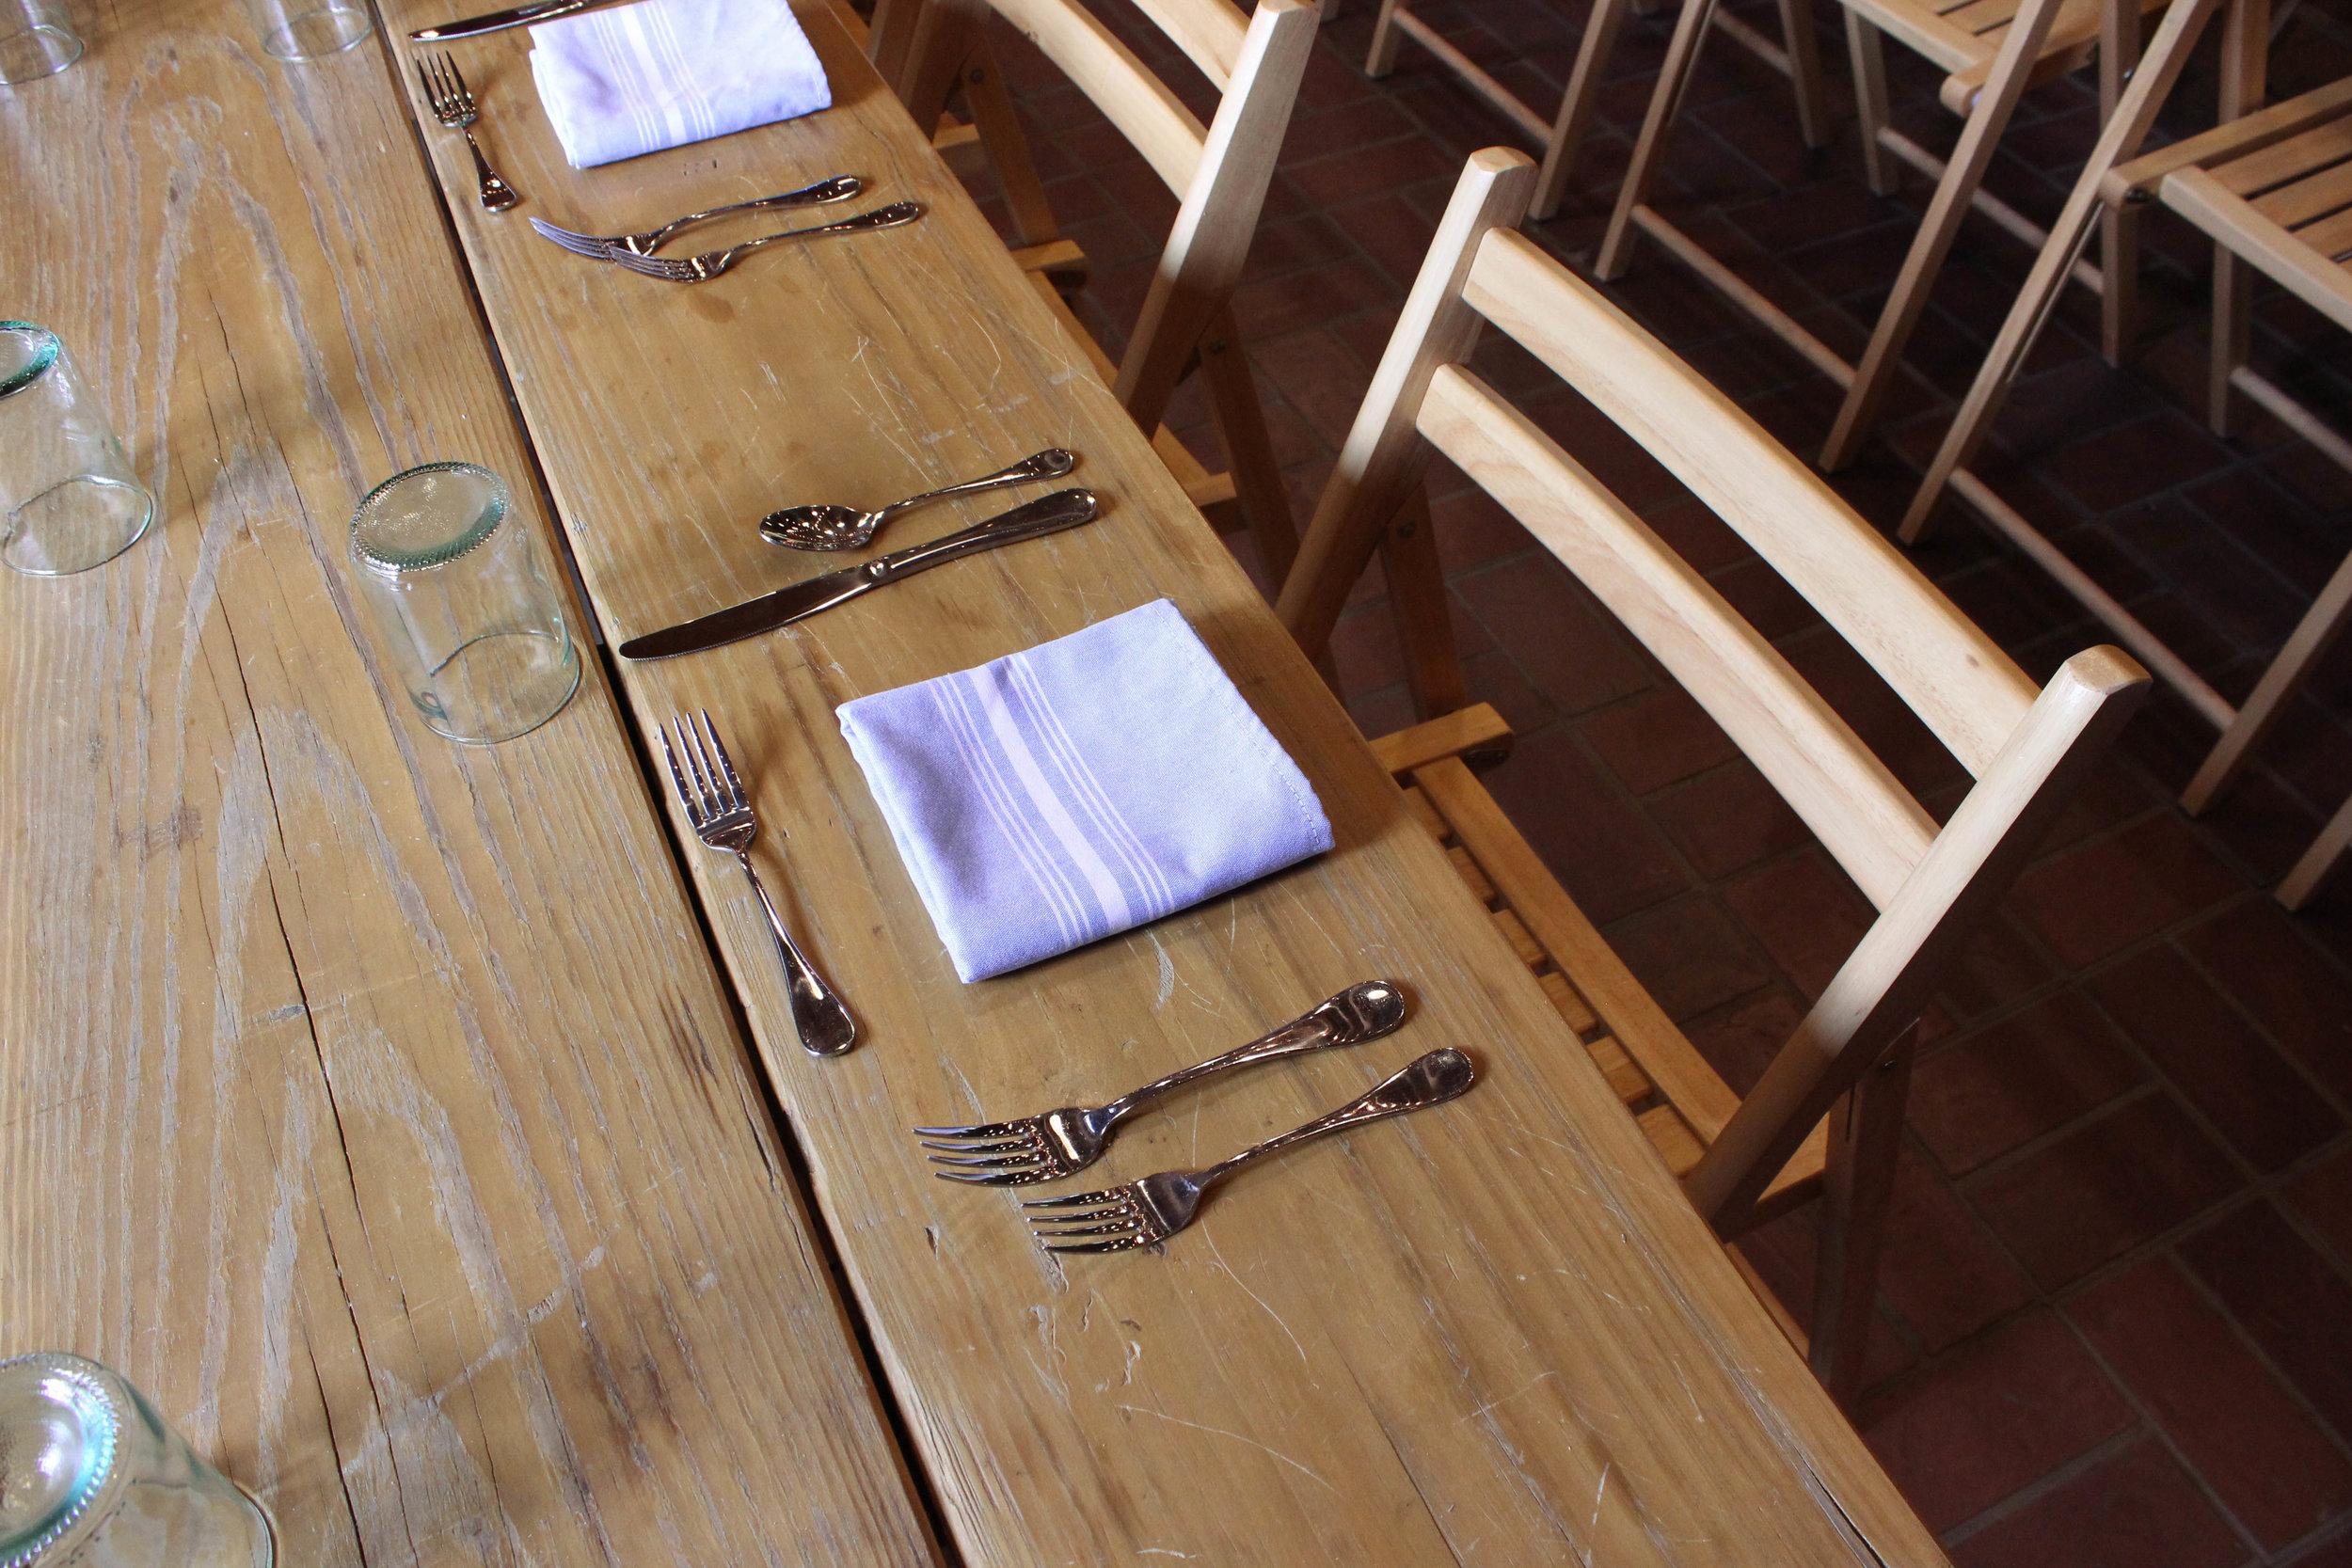 dinner-table-silverware-4735.jpg